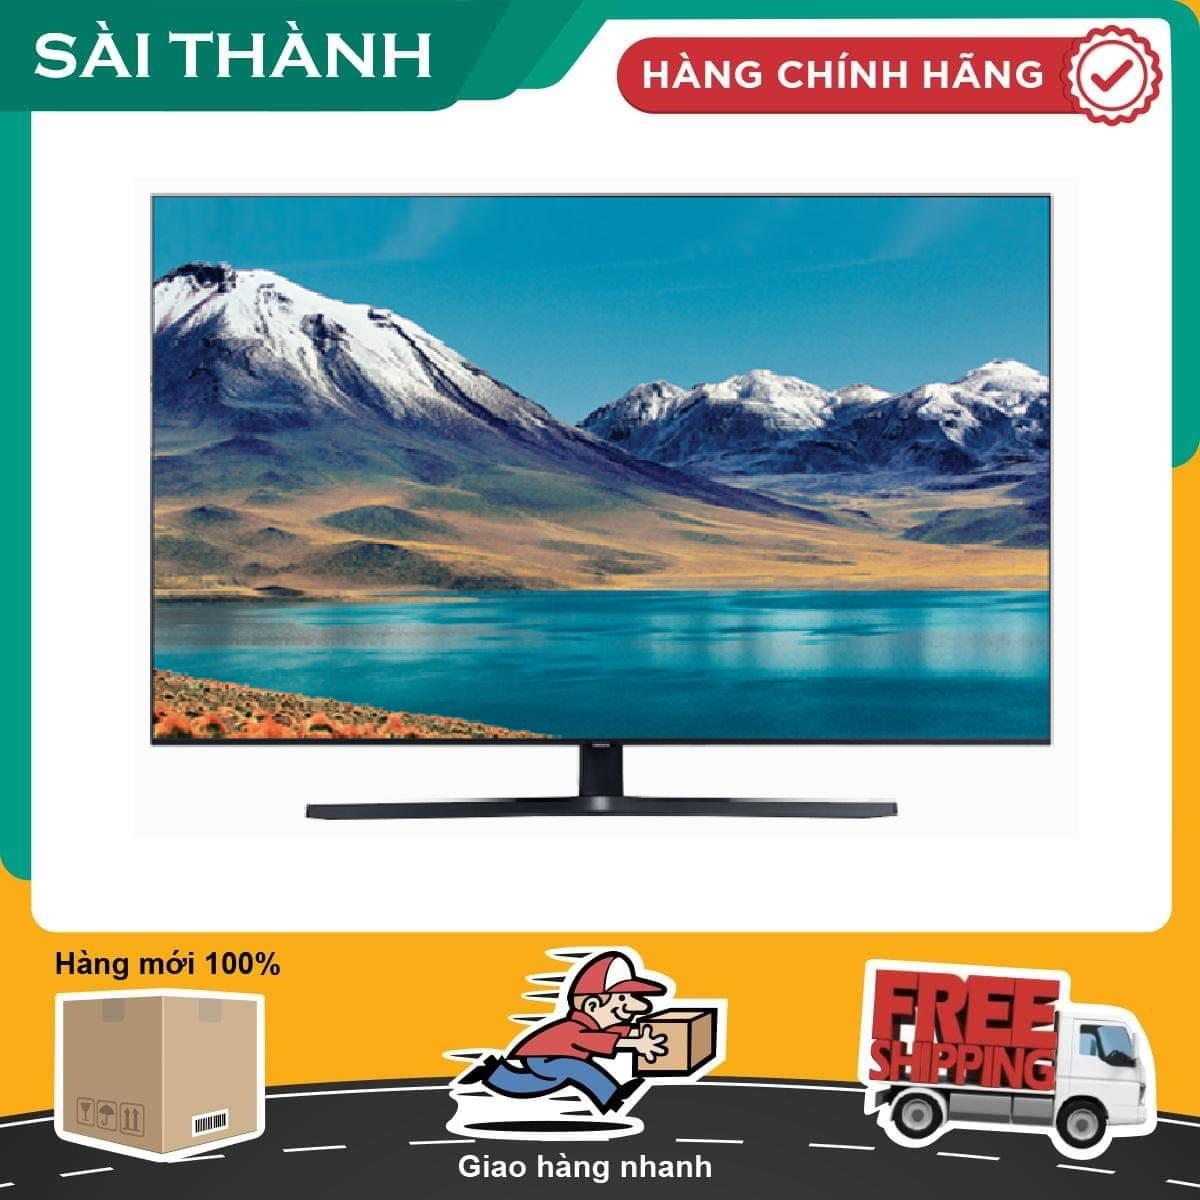 Smart Tivi Samsung 4K 65 inch UA65TU8500KXXV - Điện máy sài thành